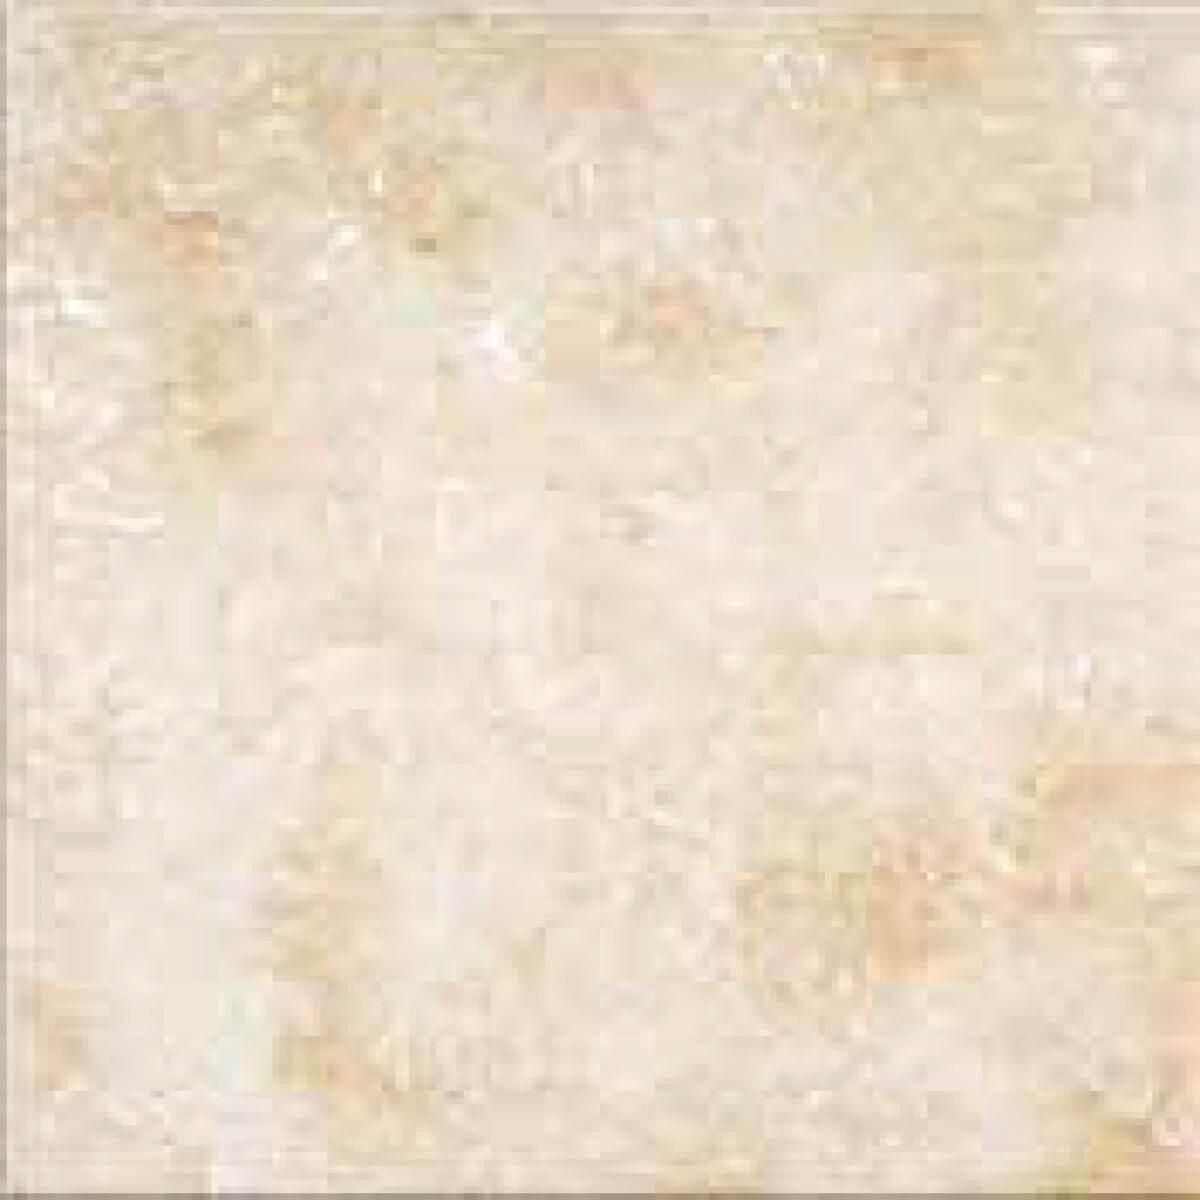 Cersanit p ytki gres rustico gres rustico cream 29 7x29 7 - Gres rustico ...